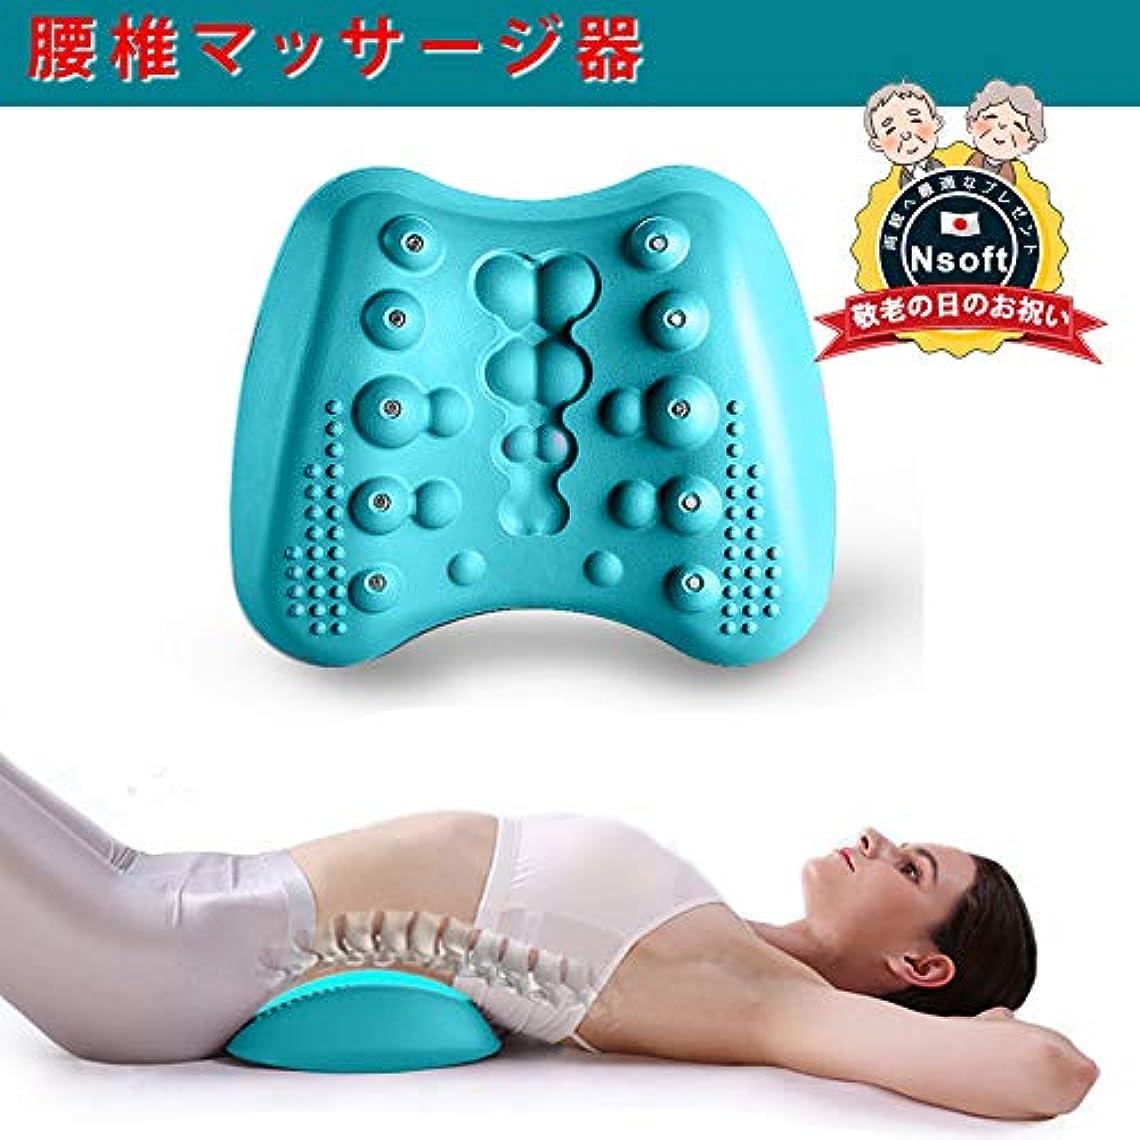 気怠いロケーション閉じる腰椎矯正器 腰マッサージ器 脊椎牽引器 腰部パッド マグネット指圧 疲労を和らげる 腰痛を和らげる